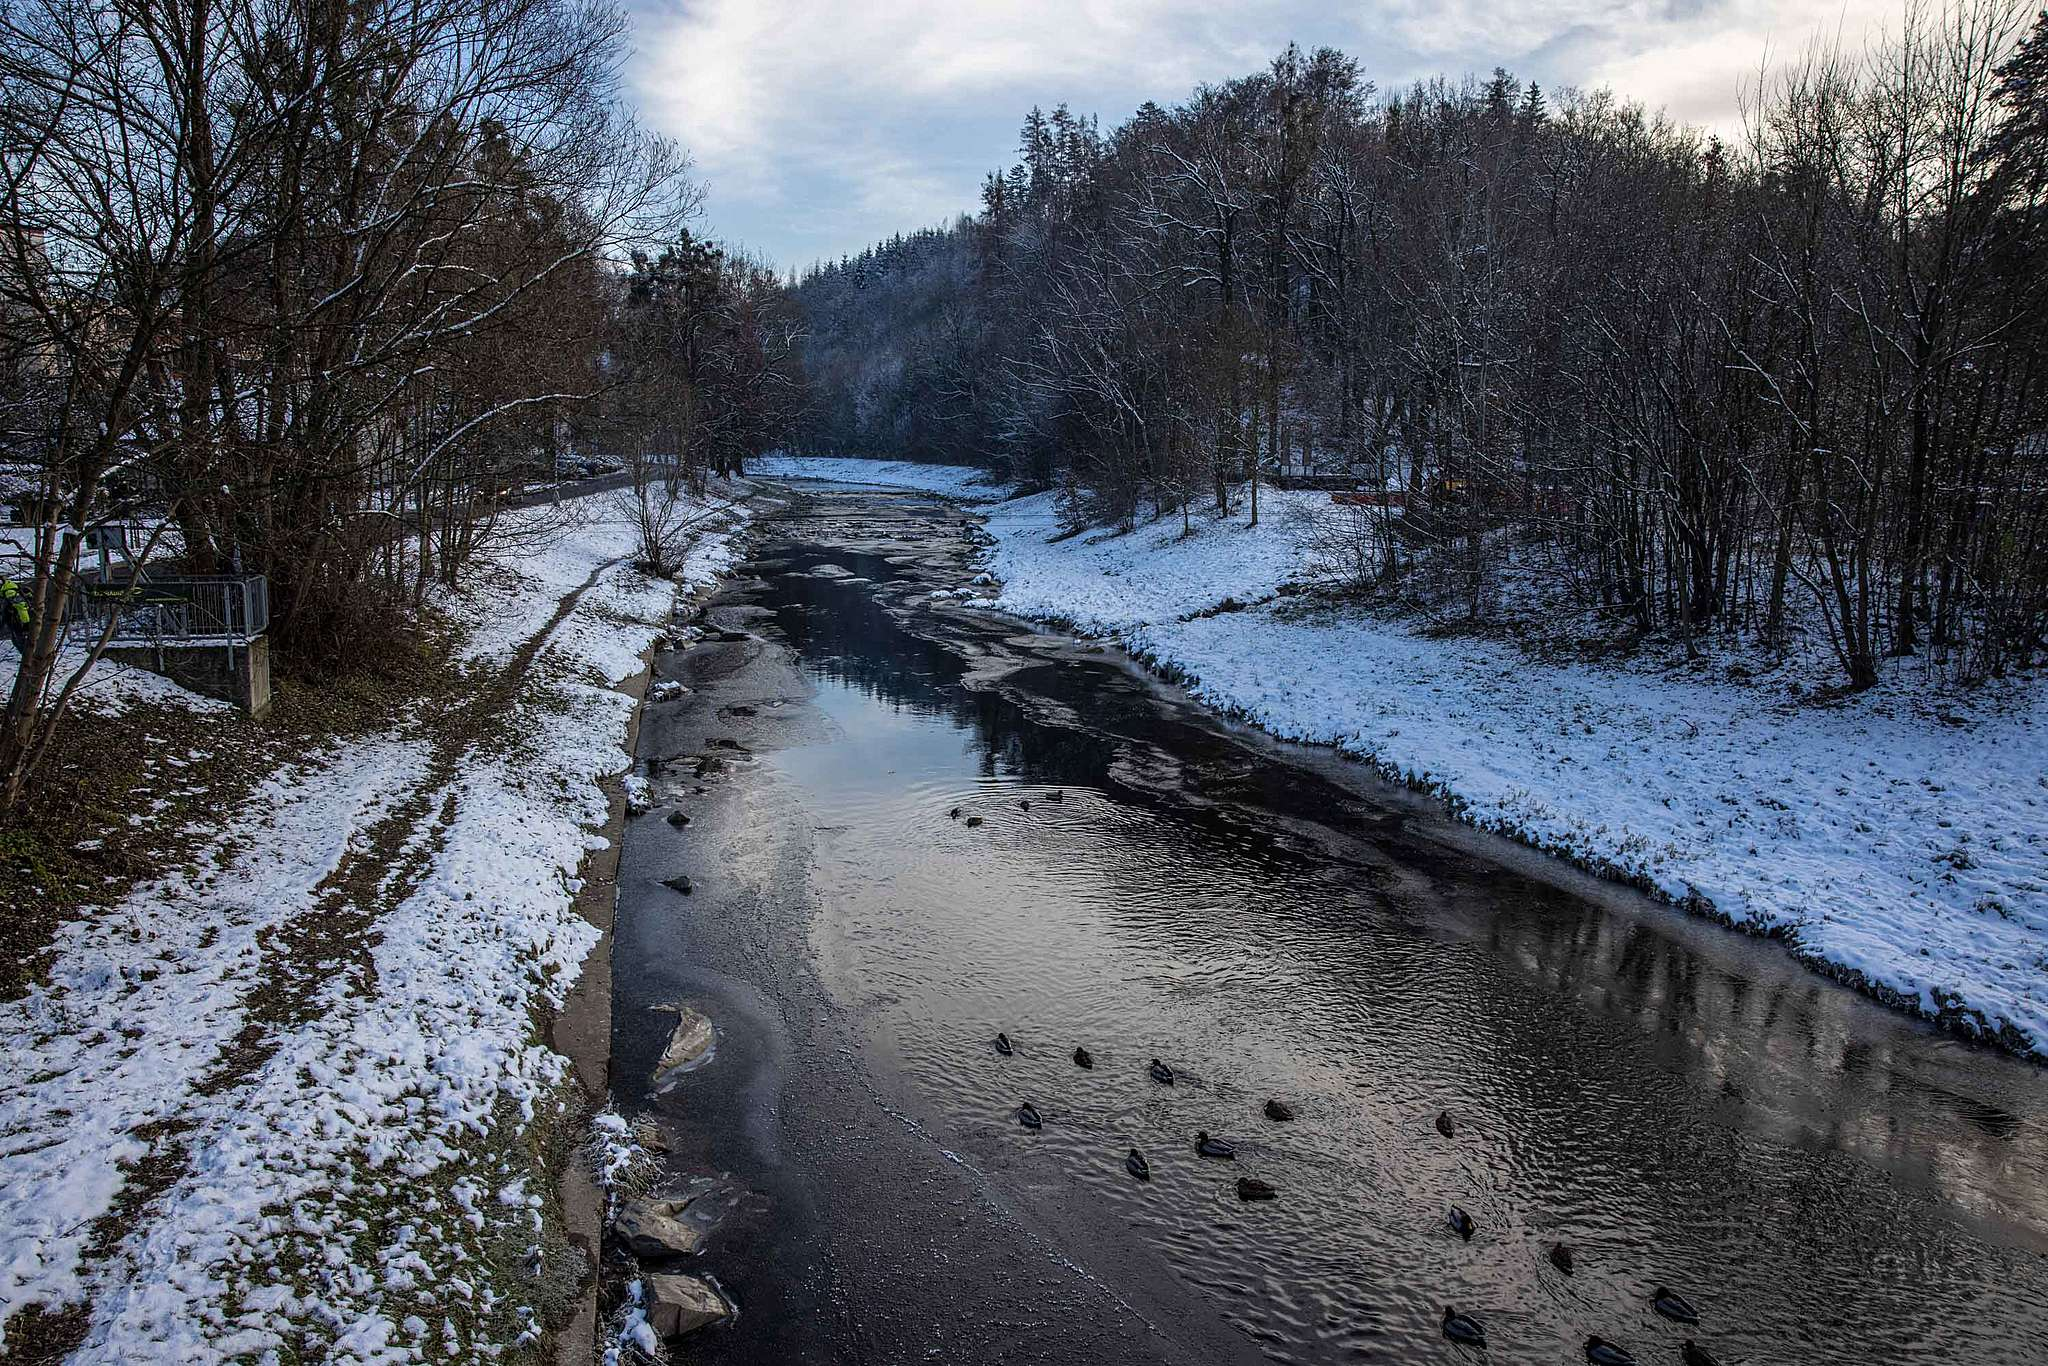 Otrávená řeka. Proč Deza zatajila havárii aúřady mlčí?